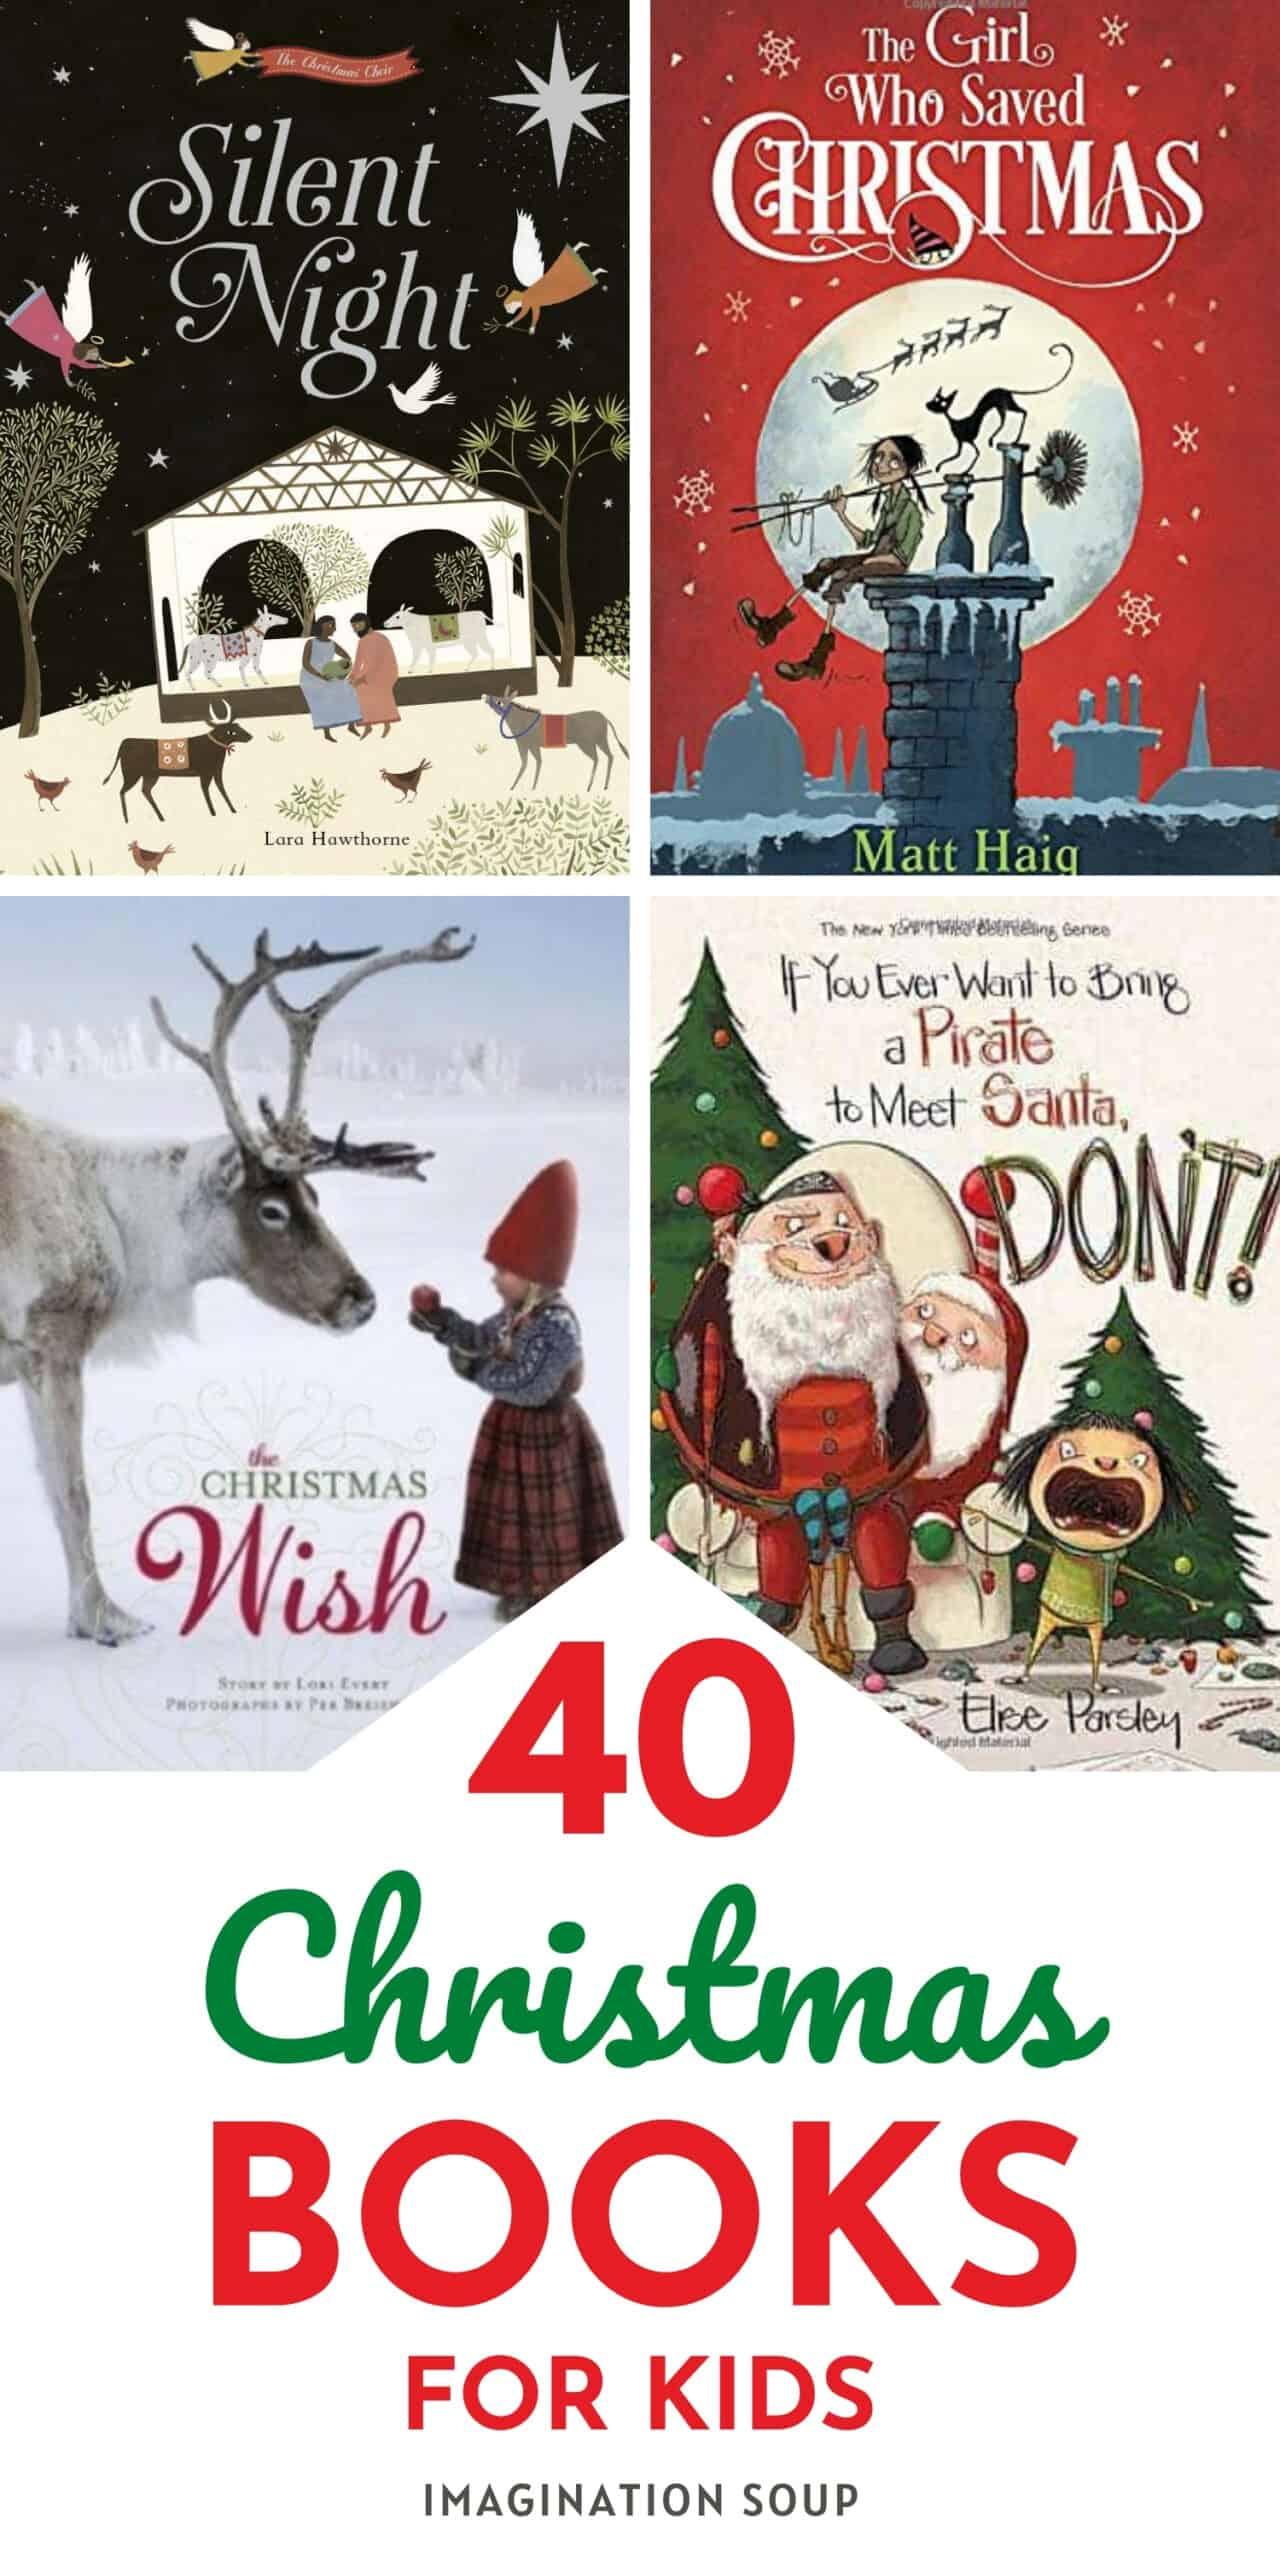 40 Best Christmas Books for Kids